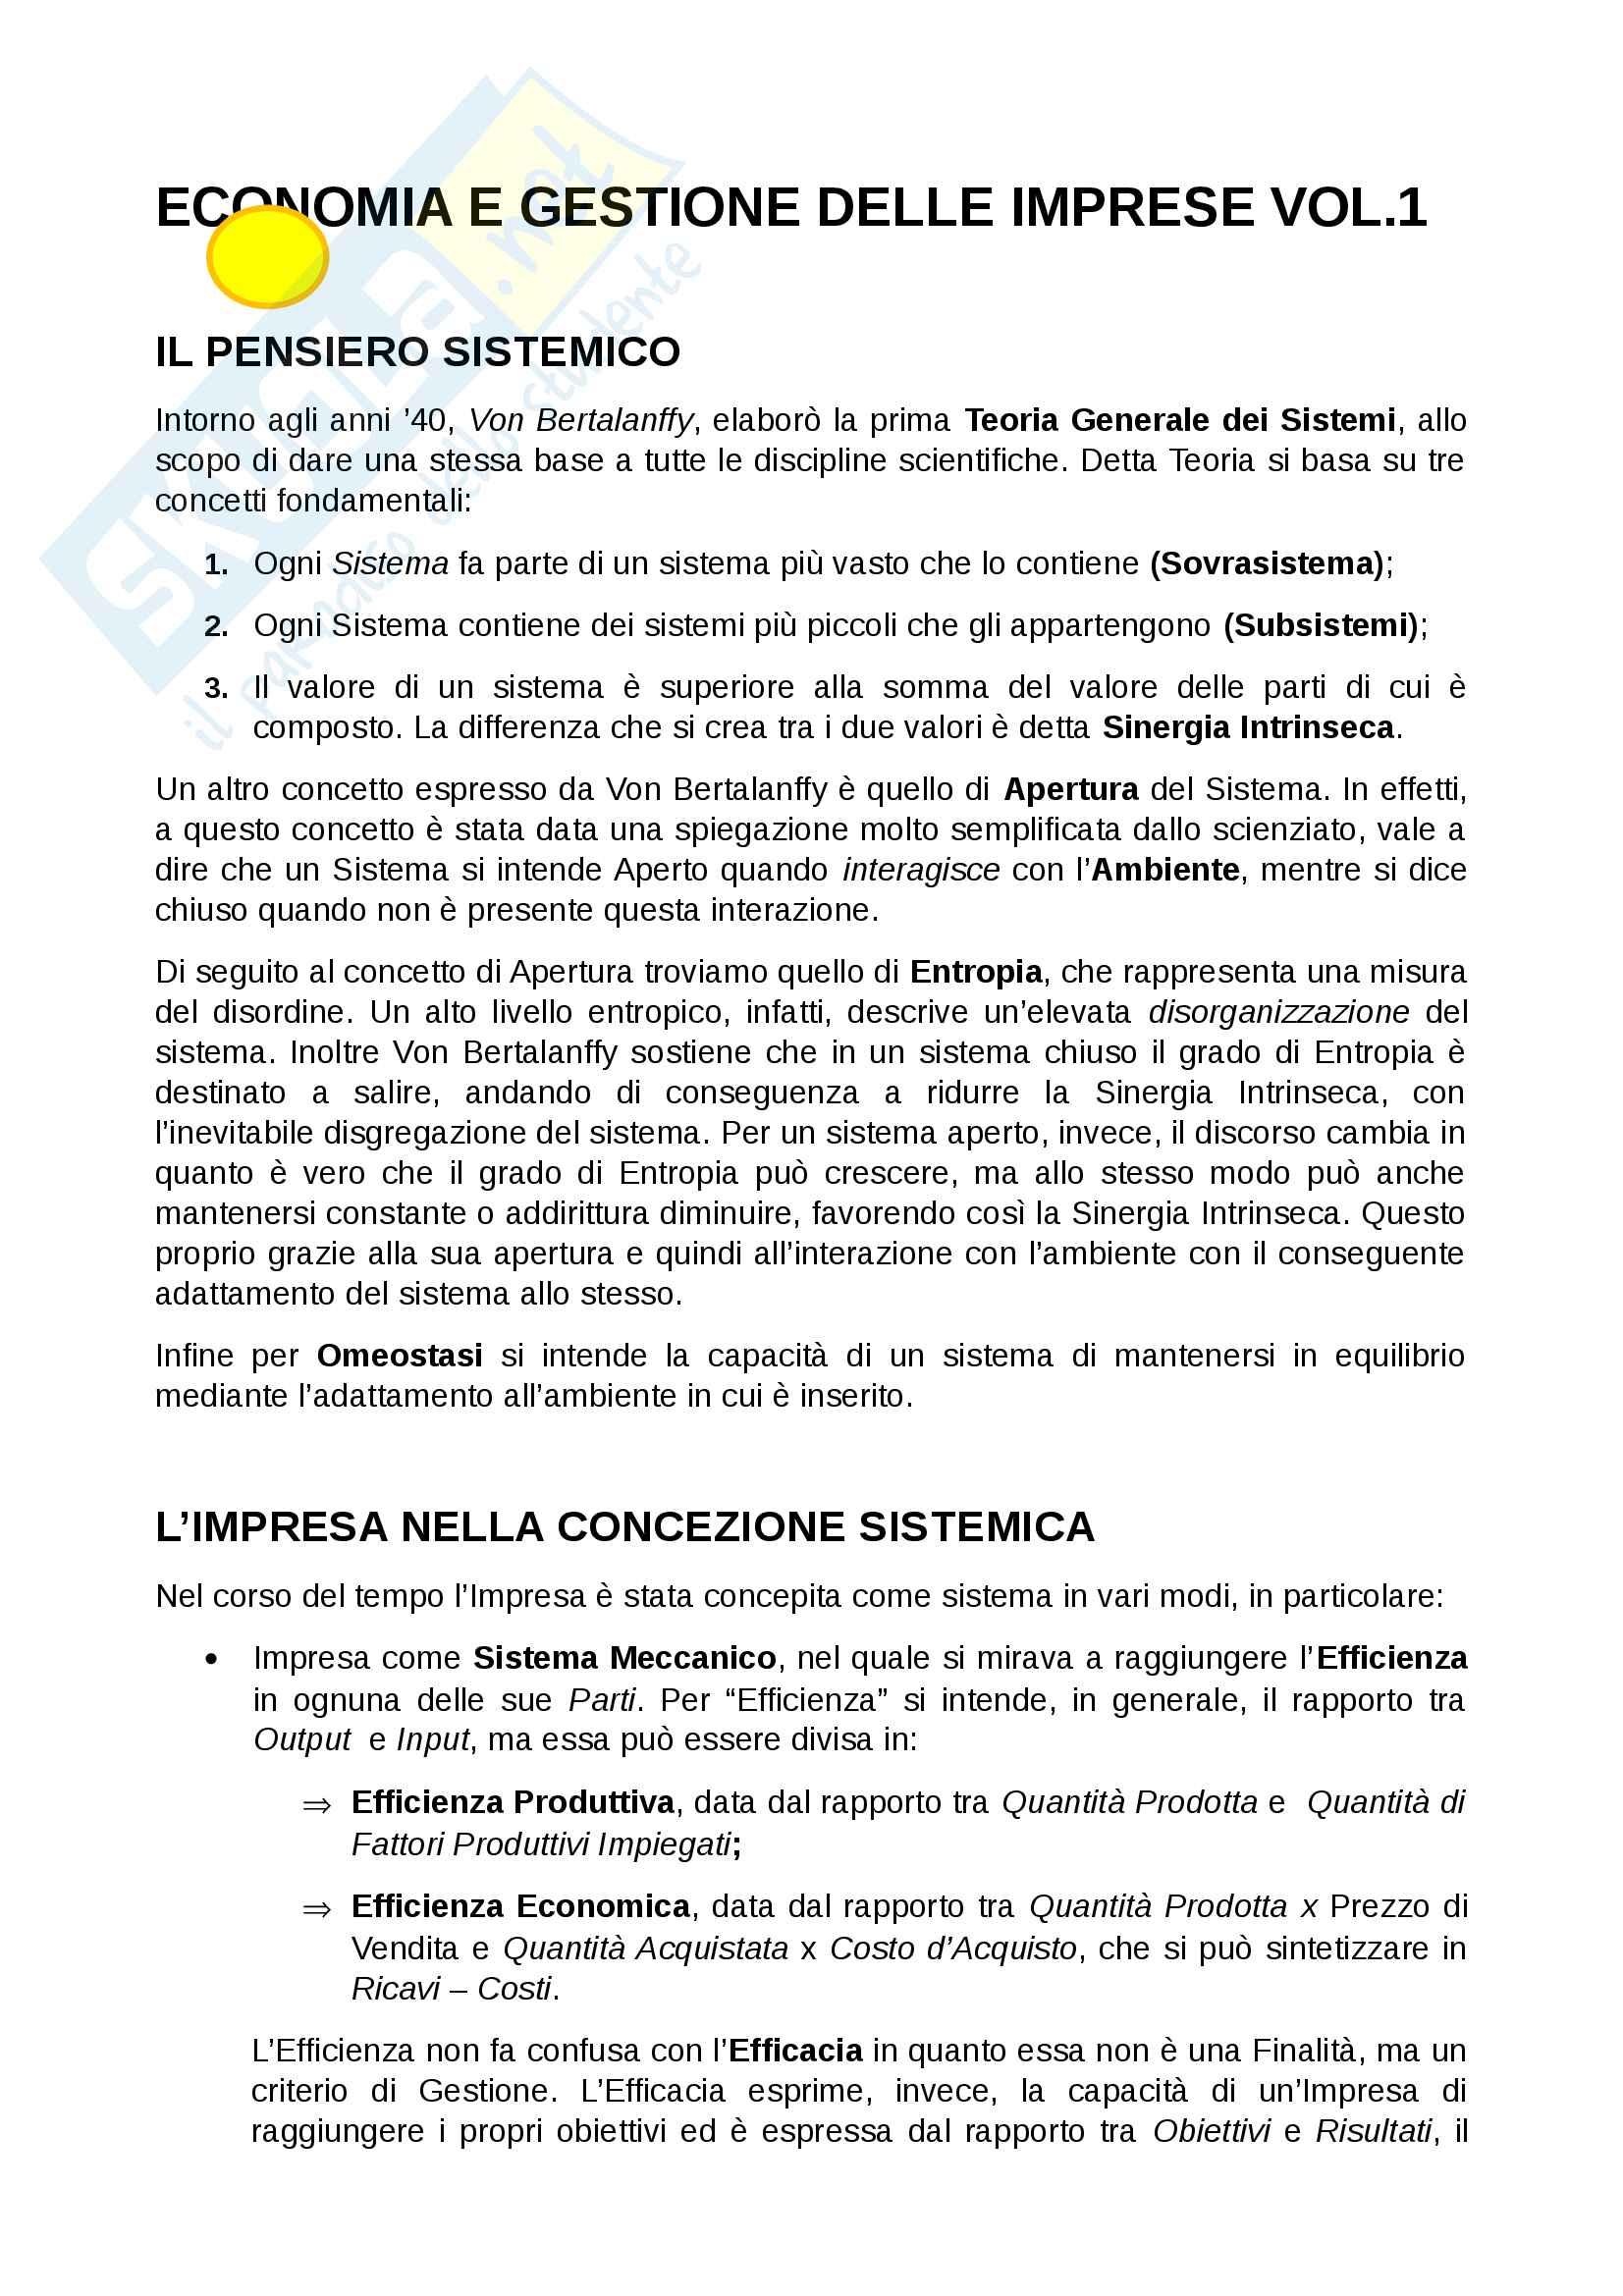 Appunti economia e gestione delle imprese parte 1, prof. gatti/vagnani